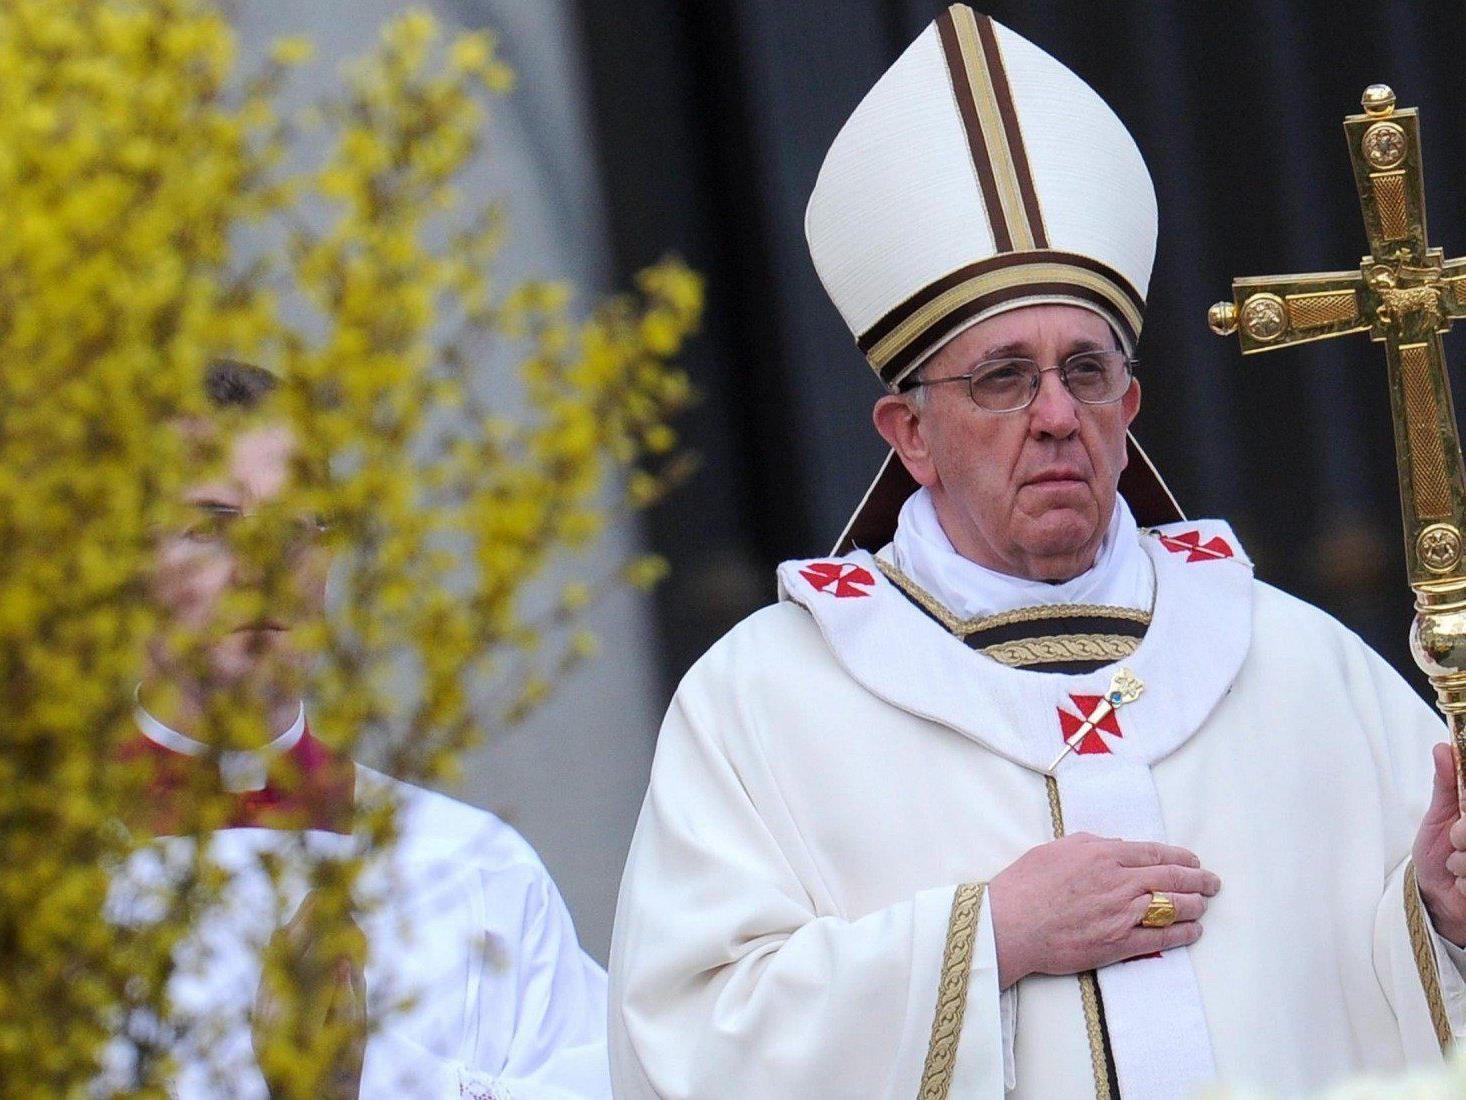 papst Franziskus eröffnete am Sonntag die Ostermesse auf dem Petersplatz in Rom.